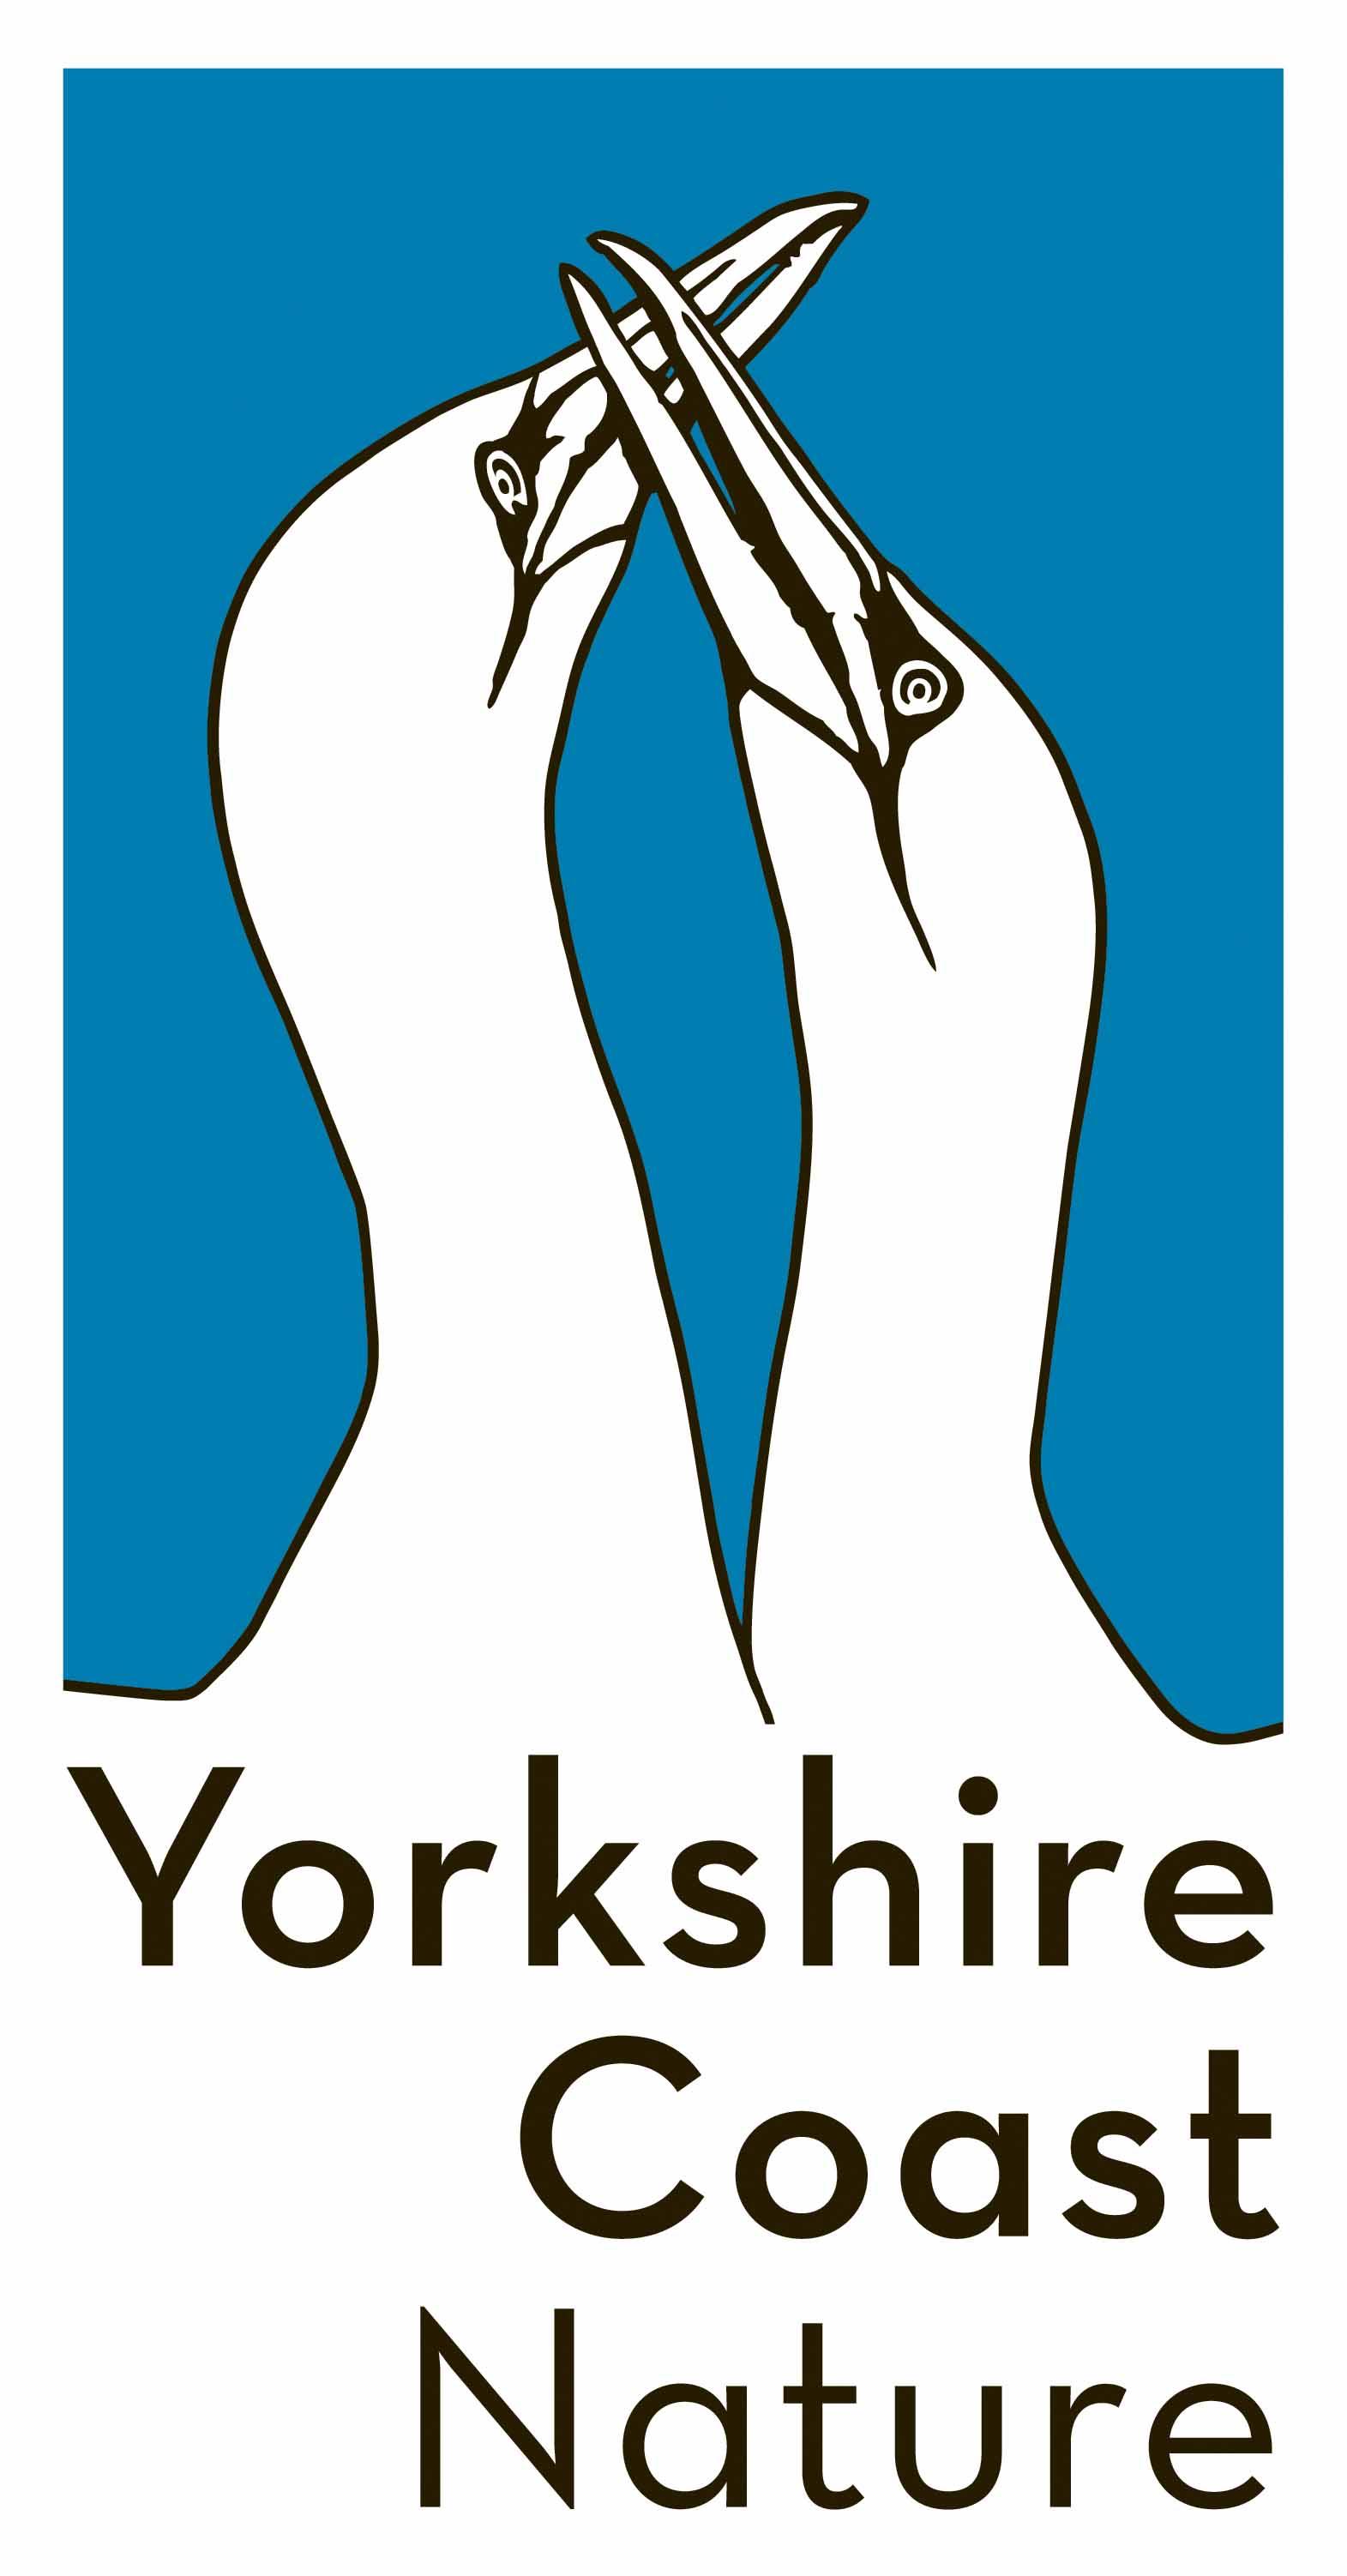 Yorkshire Coast Nature logo